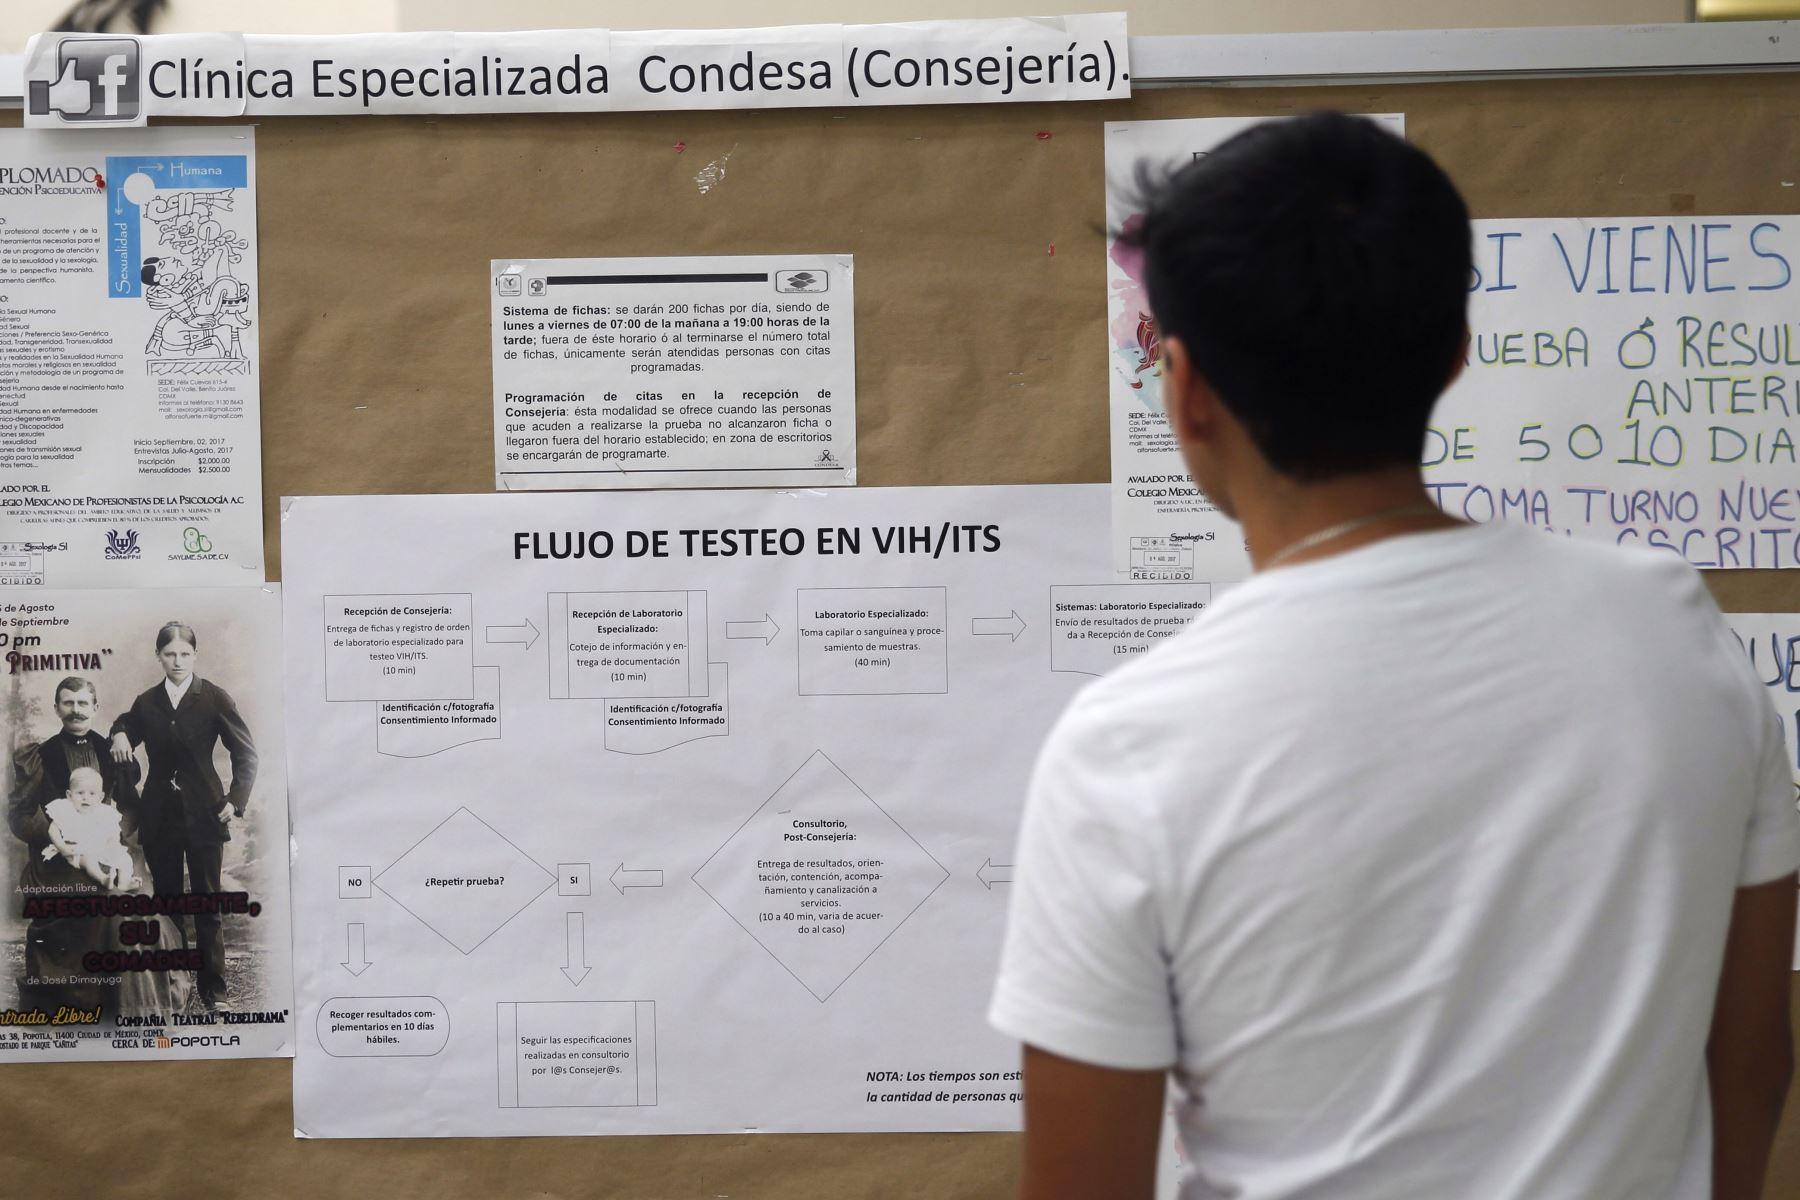 Un hombre mientras observa un cartel informativo, en la clínica especializada VIH Condesa, en Ciudad de México (México). Los pacientes mexicanos que padecen VIH viven pendientes de un hilo por la falta de medicamentos antirretrovirales, la suspensión de consultas y el miedo a infectarse del nuevo virus de la covid-19. Foto: EFE